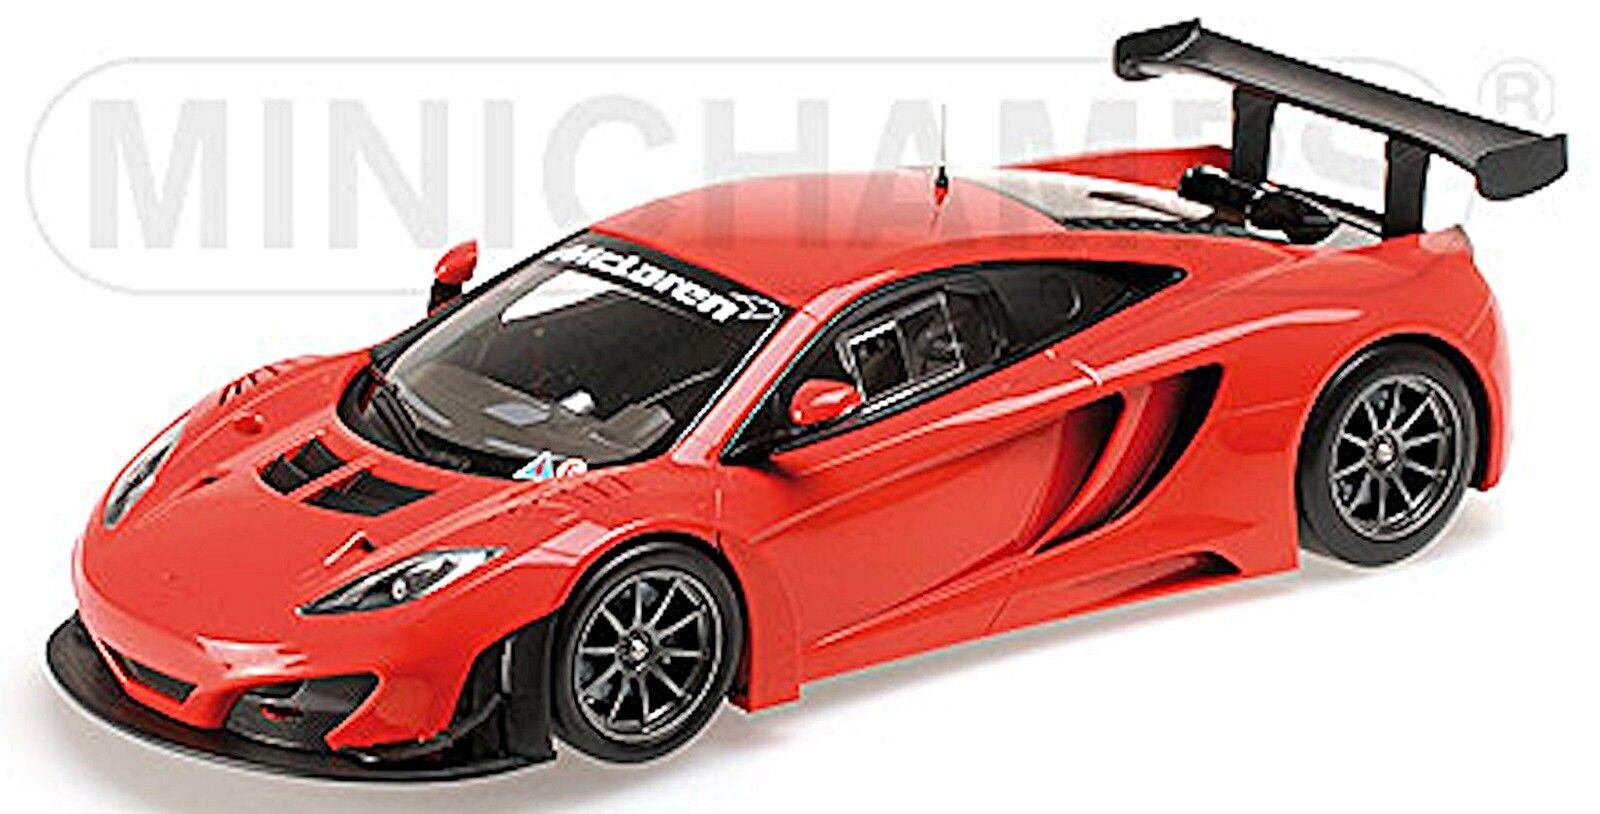 McLaren 12 C gt3 2013 Street Car Rouge rouge 1 18 Minichamps